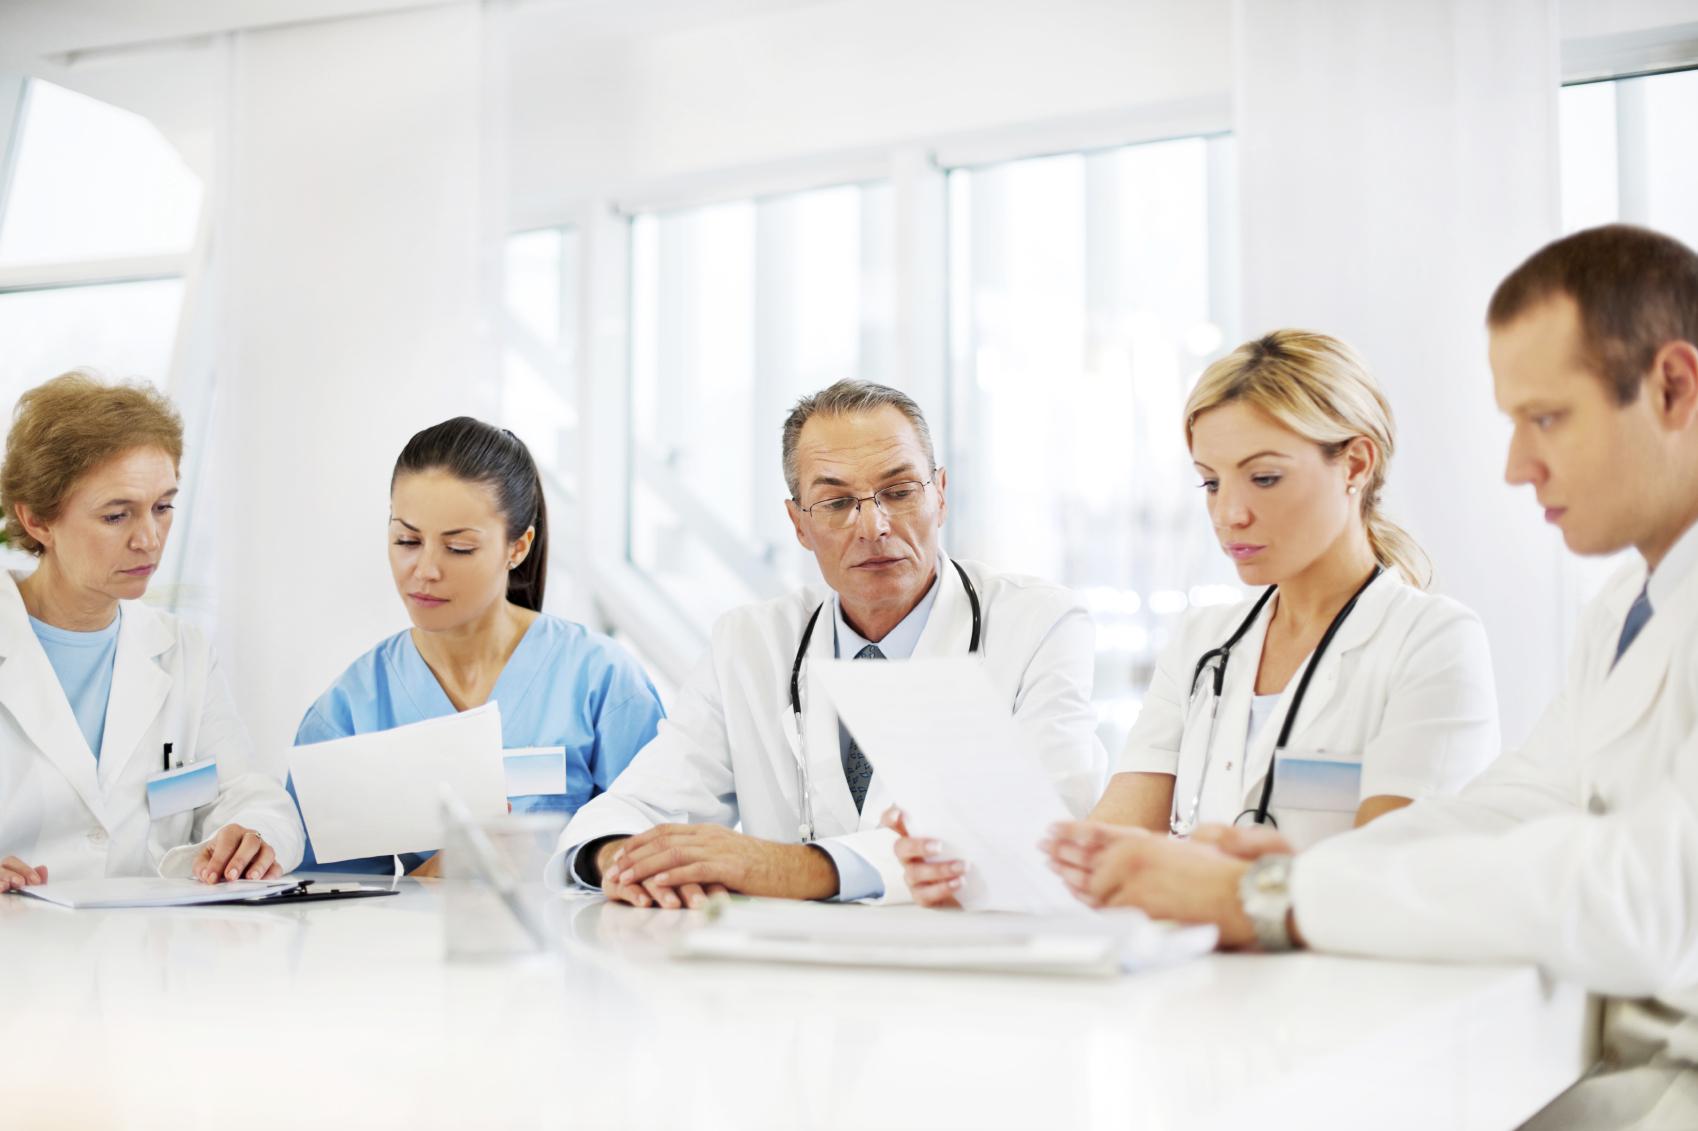 В Госдуму внесен законопроект о проведении независимой медико-социальной экспертизы